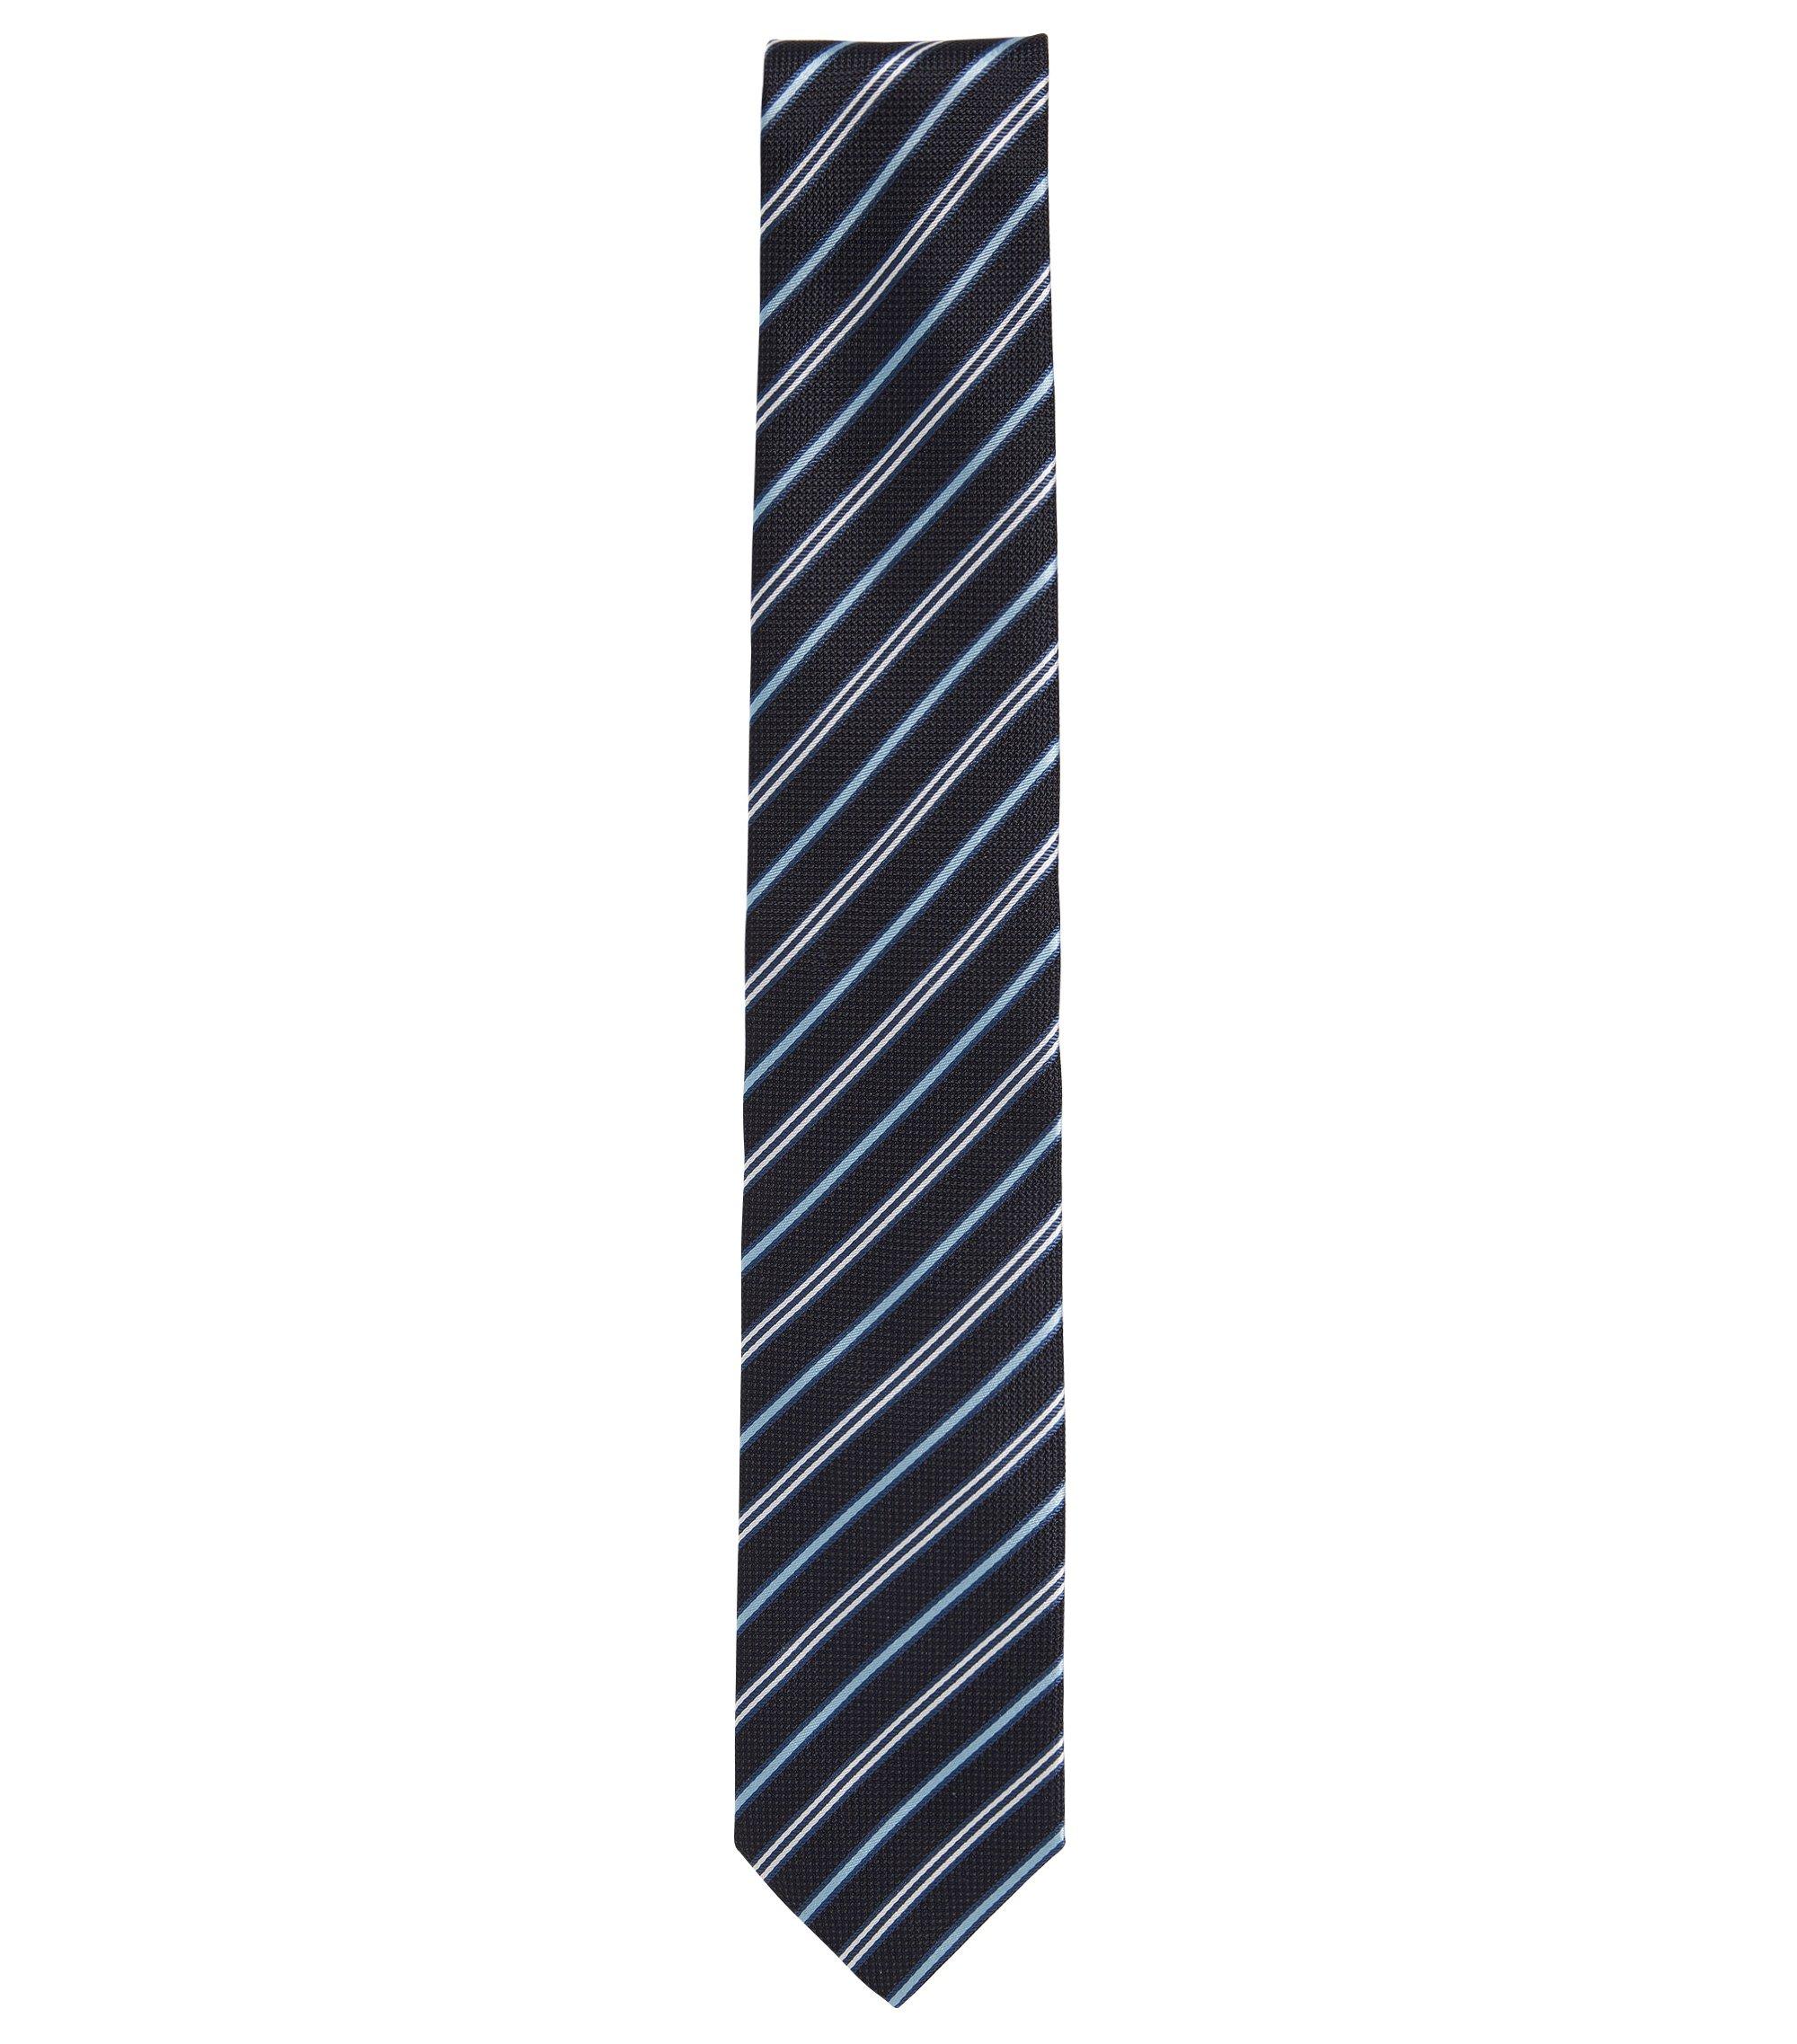 Cravate en soie à rayures diagonales, Bleu foncé